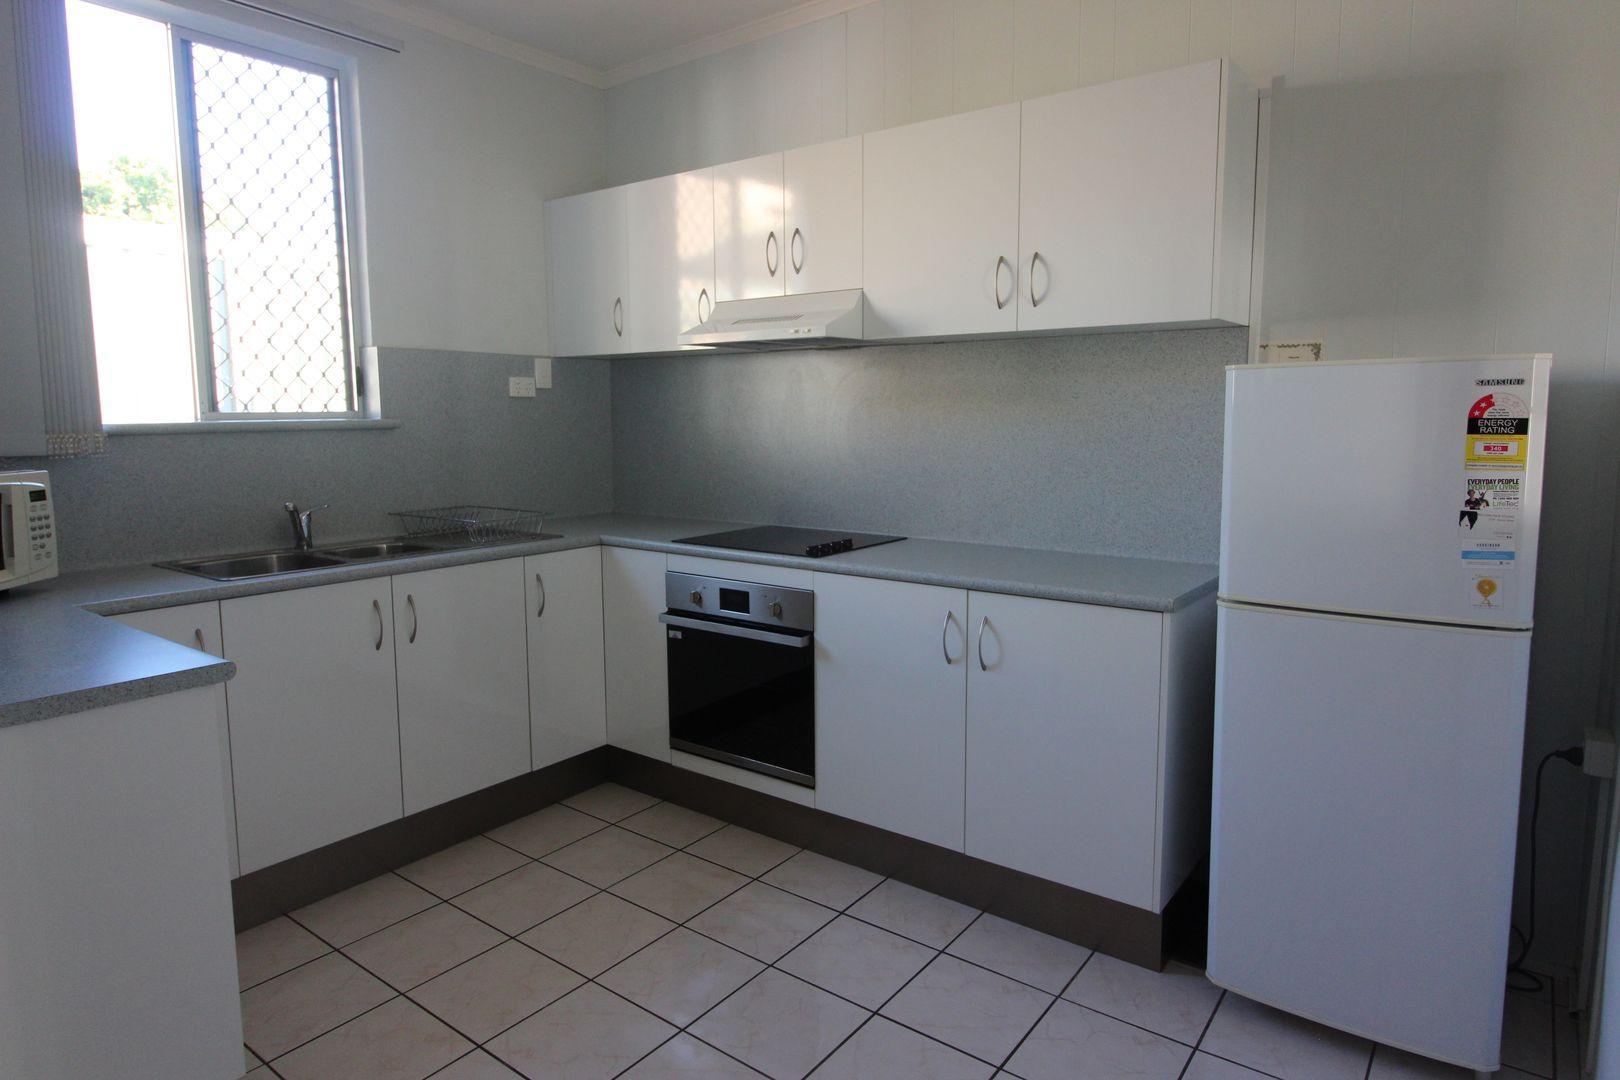 4/96 Webb St, Mount Isa QLD 4825, Image 2